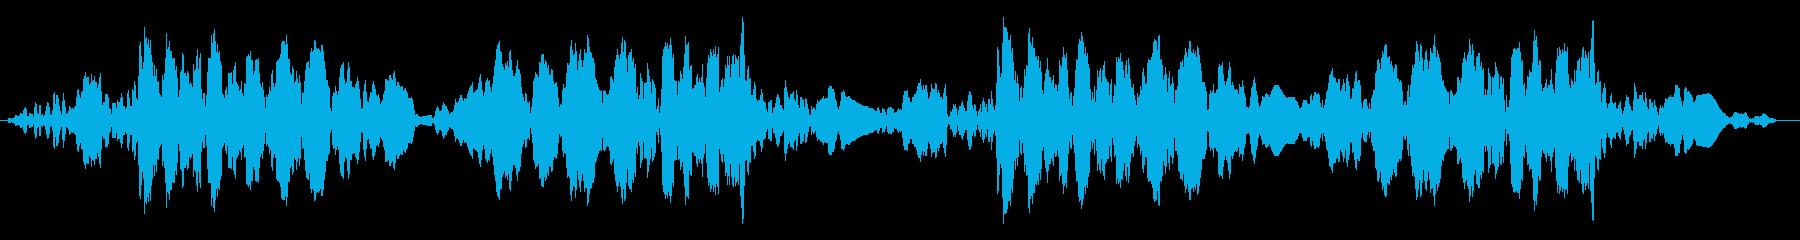 ジュクジュク(レコードスクラッチ2回)の再生済みの波形